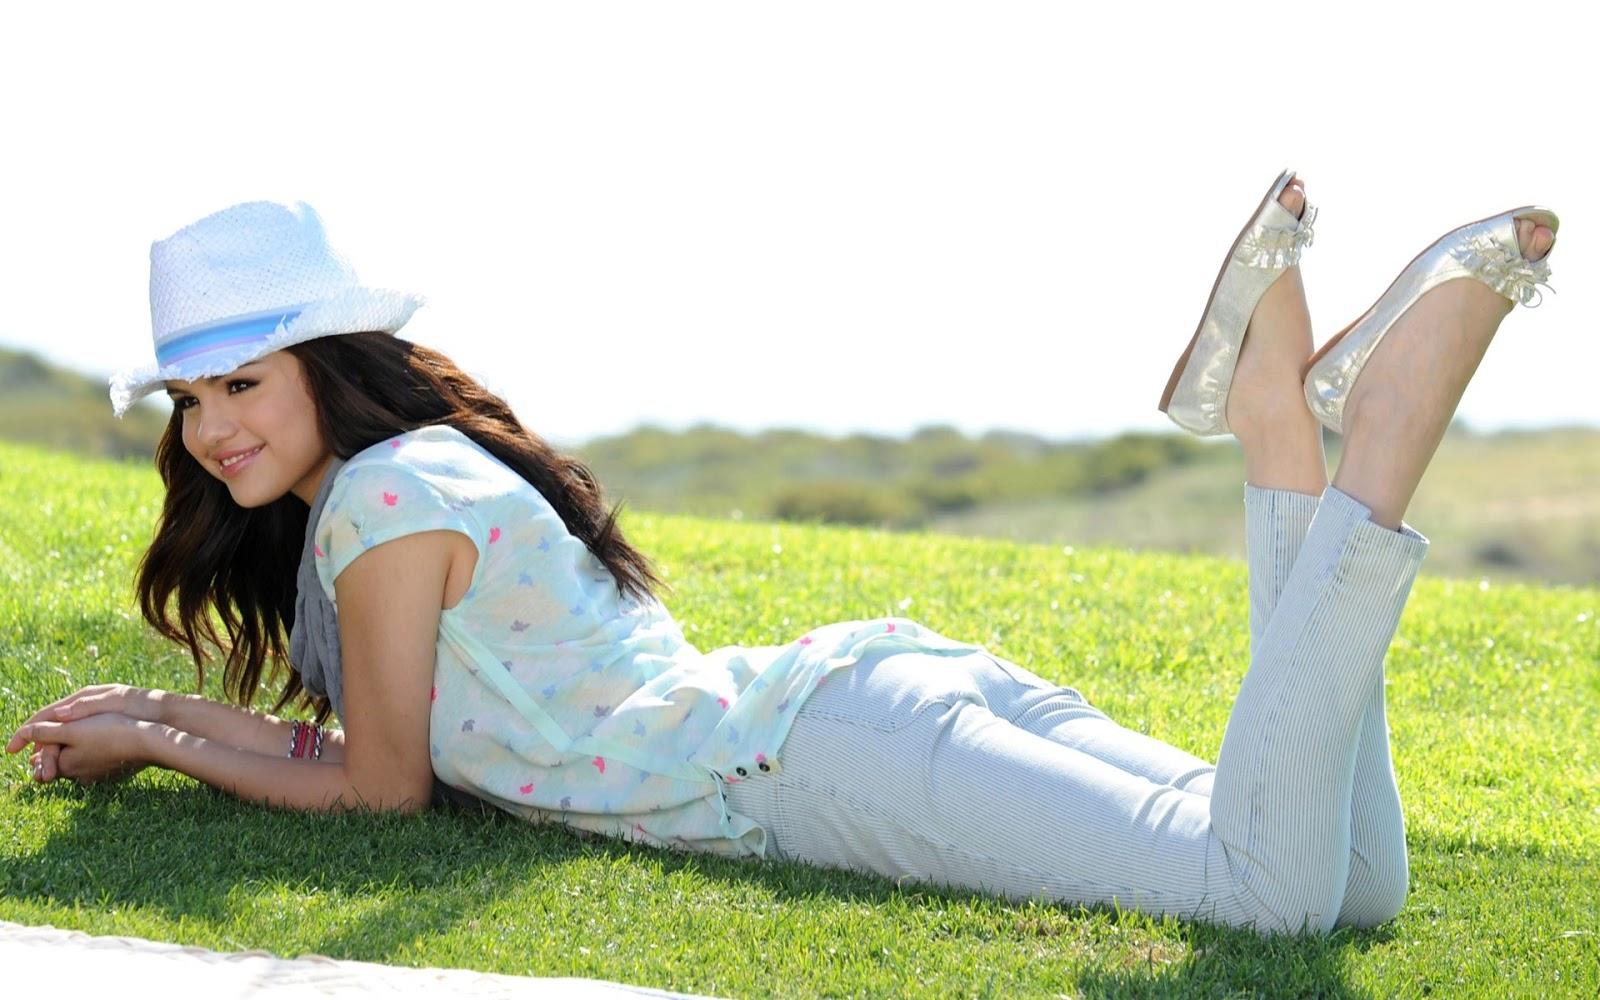 http://2.bp.blogspot.com/-xrgnwfBEaW0/UUL7EvnvY7I/AAAAAAAA93k/MAZyyXj6RG4/s1600/Selena+Gomez+hd+Wallpaper+2013+01.jpg